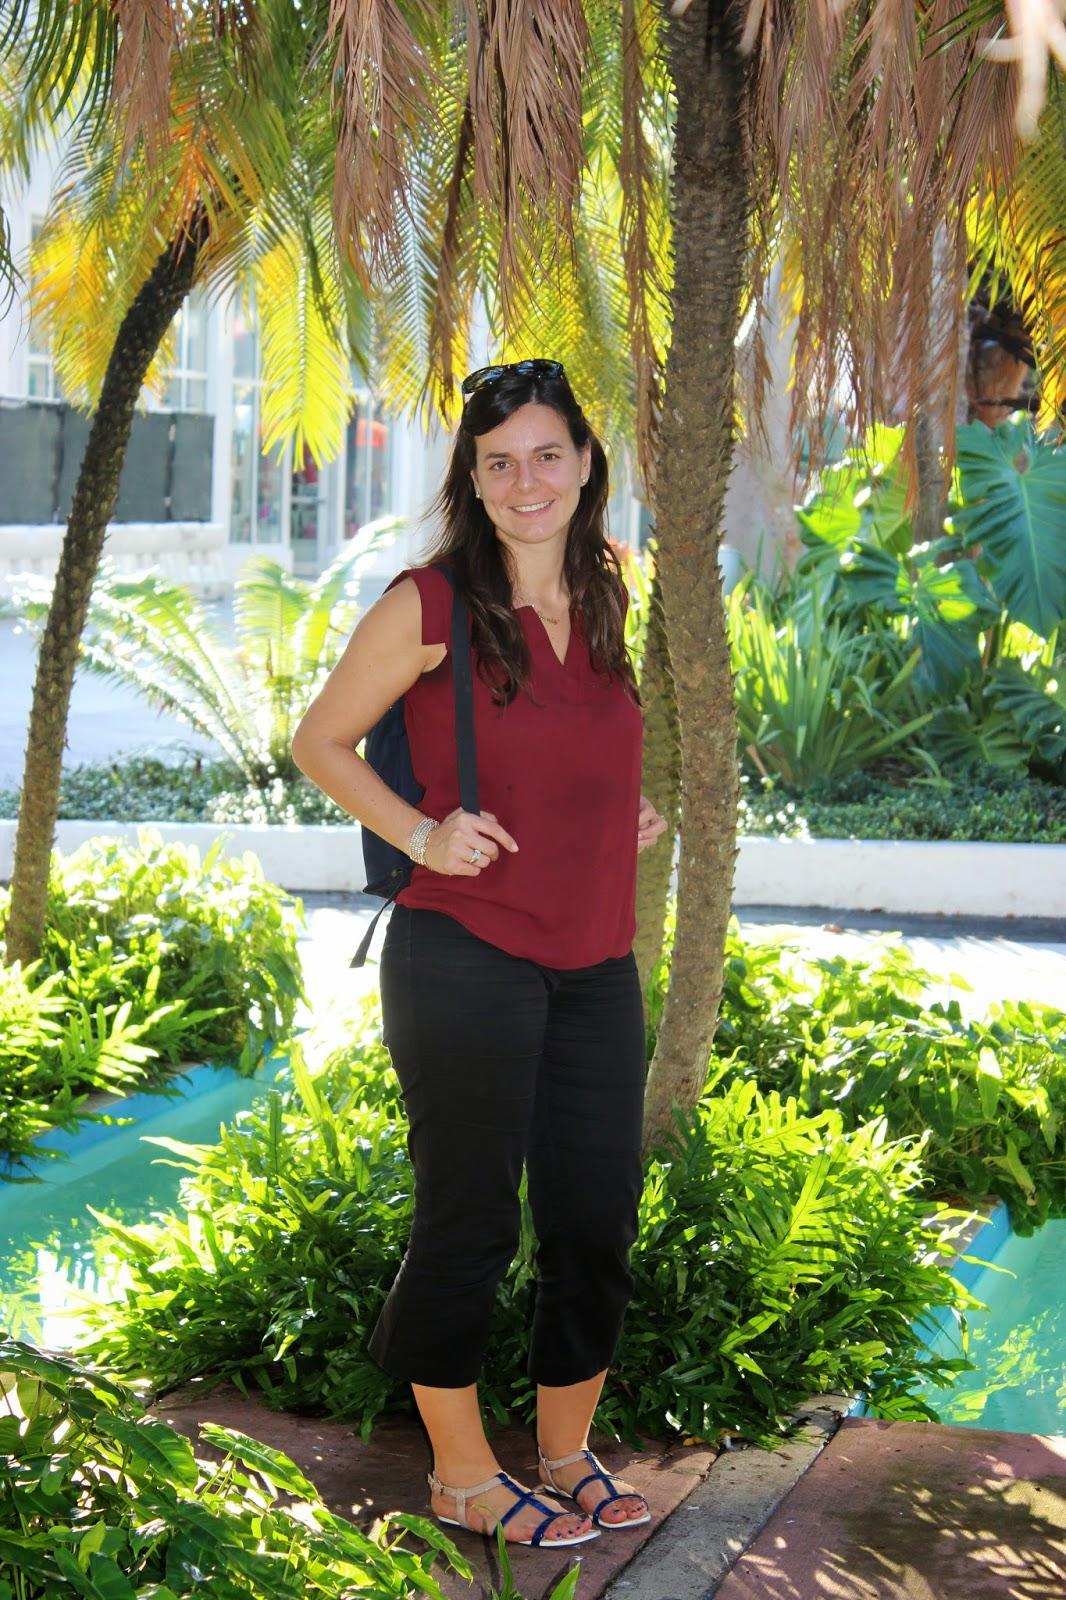 une touriste à Miami beach